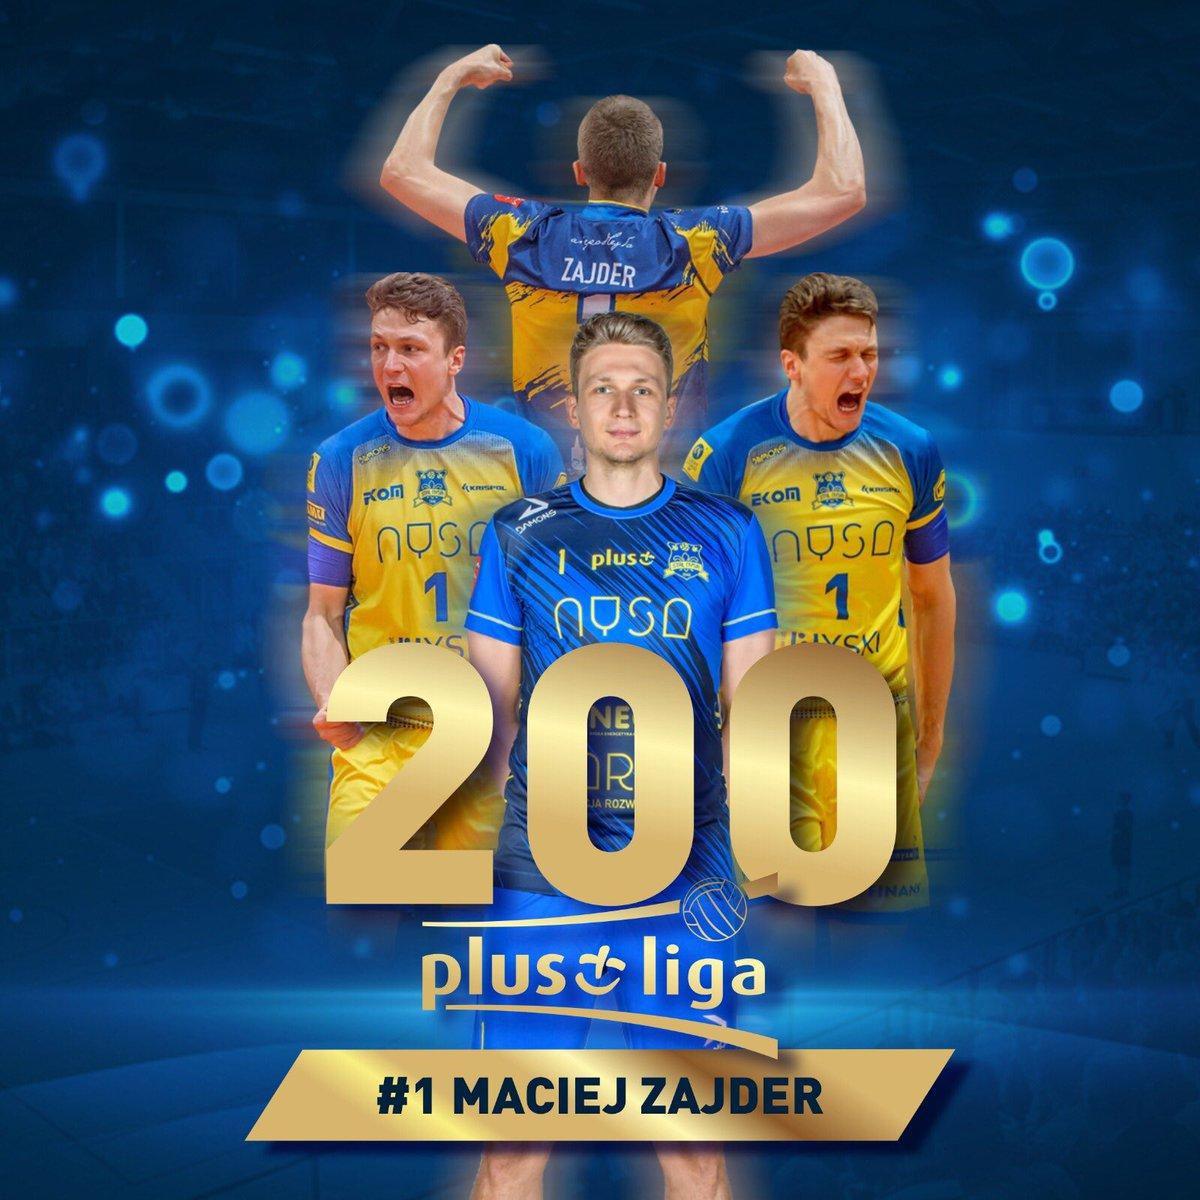 Czy wiecie, że...   Mecz z @ZAKSAofficial rozegrany 21 listopada był 2️⃣0️⃣0️⃣ meczem Maćka Zajdera w @PlusLiga_ ? 🥳  Maciej - gratulujemy i życzymy kolejnych dwustu! 💛💙 #PlusLiga #StalNysa https://t.co/XOBrP5iw7i